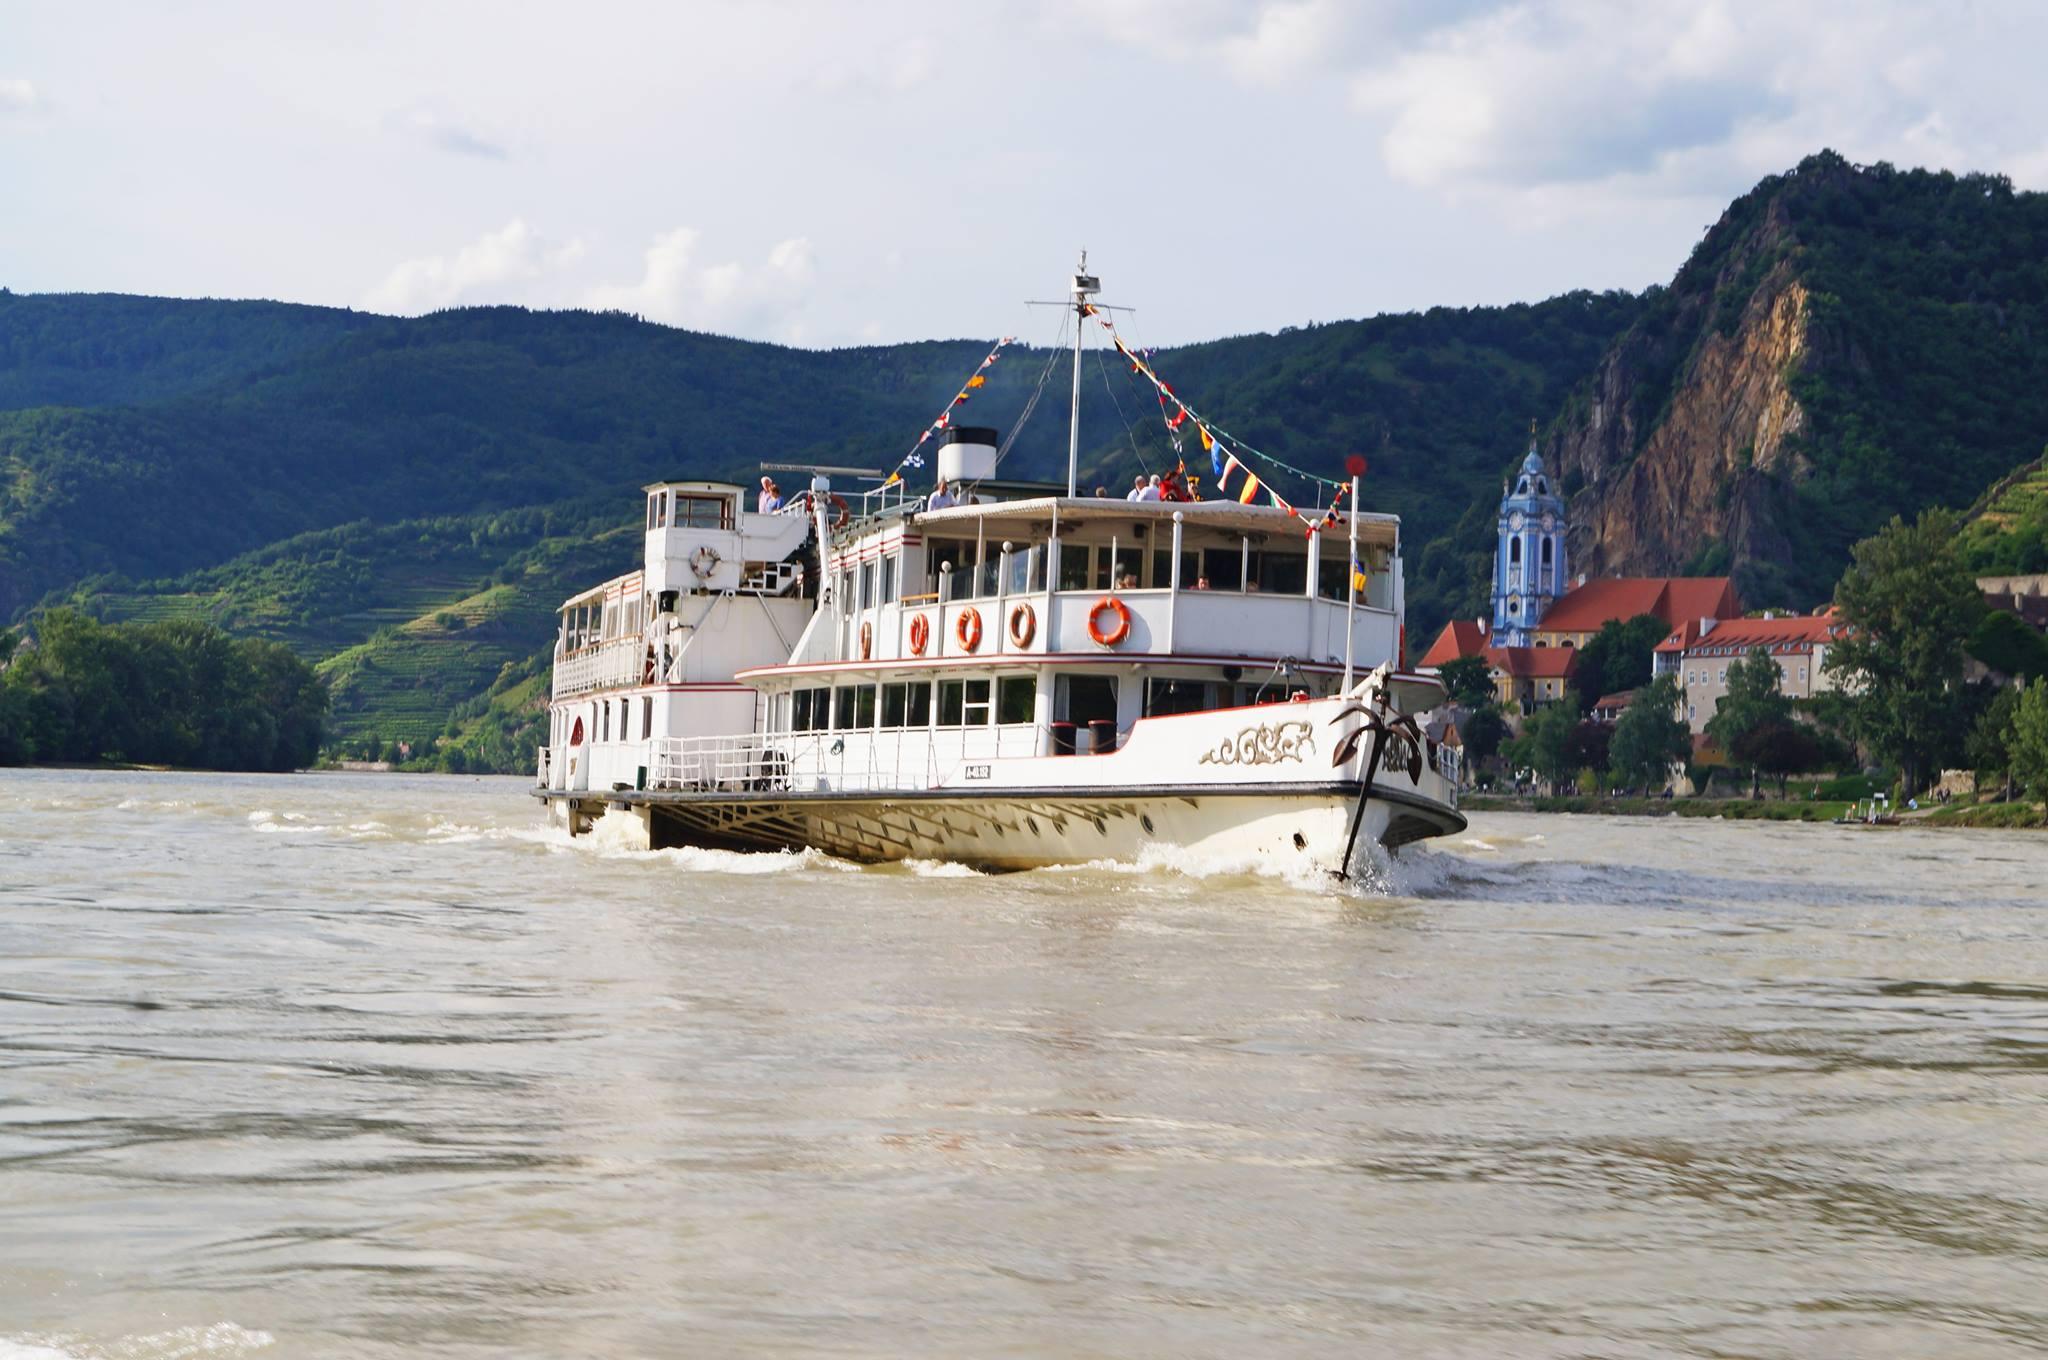 Magična noć na Dunavu: Bal na vodi uz raznovrsnu muziku i dobru hranu